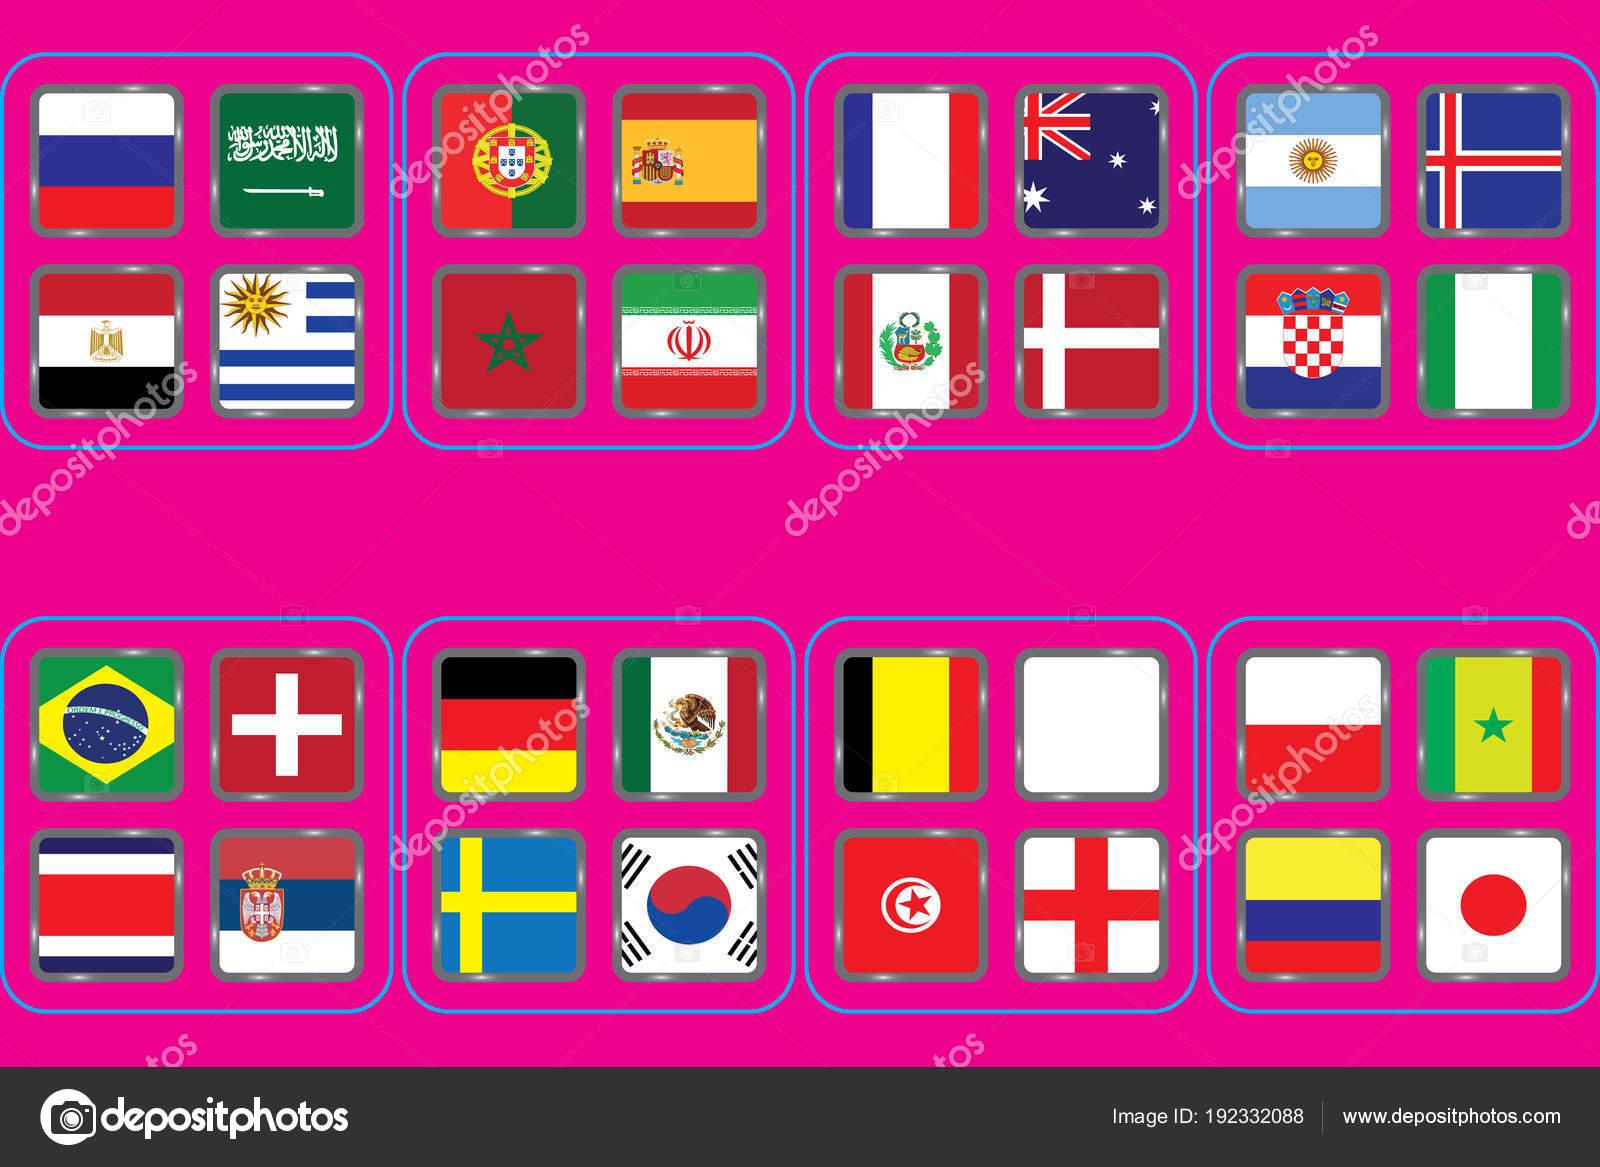 Fussball Welt Meisterschaft Gruppen Vektor Landerflaggen 2018